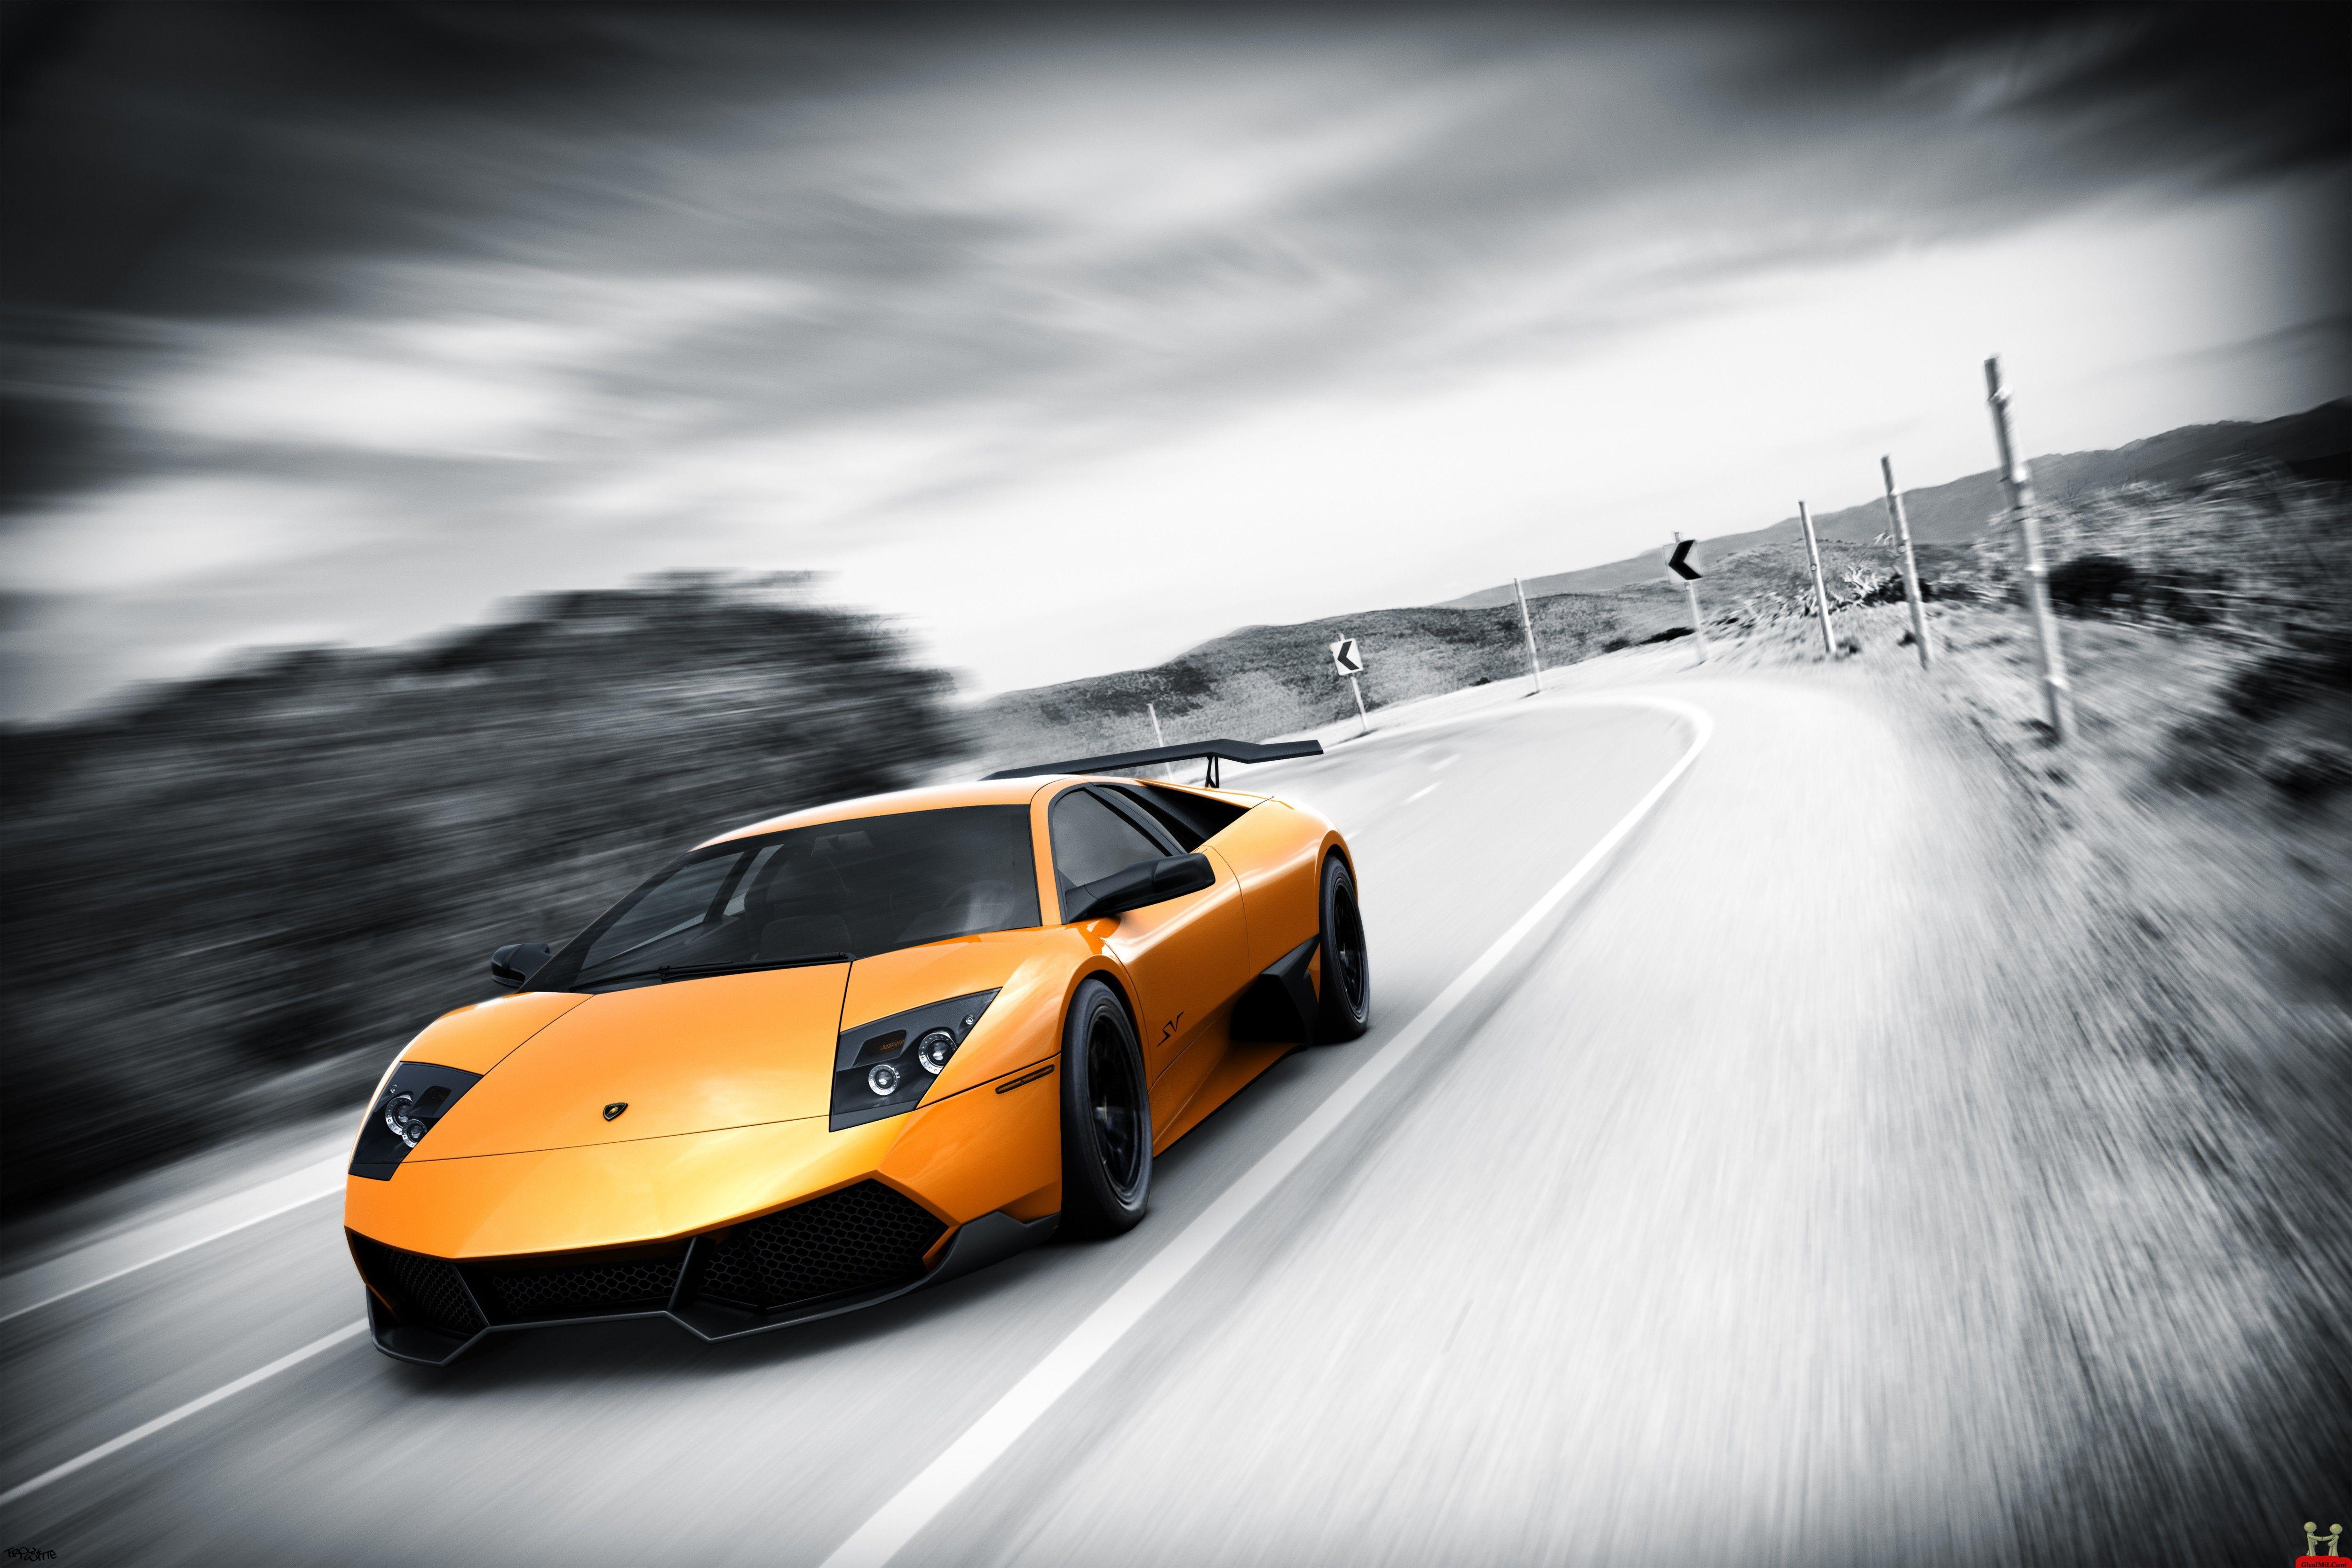 Lamborghini Murcielago Wallpaper Desktop Zfg Cars Lamborghini